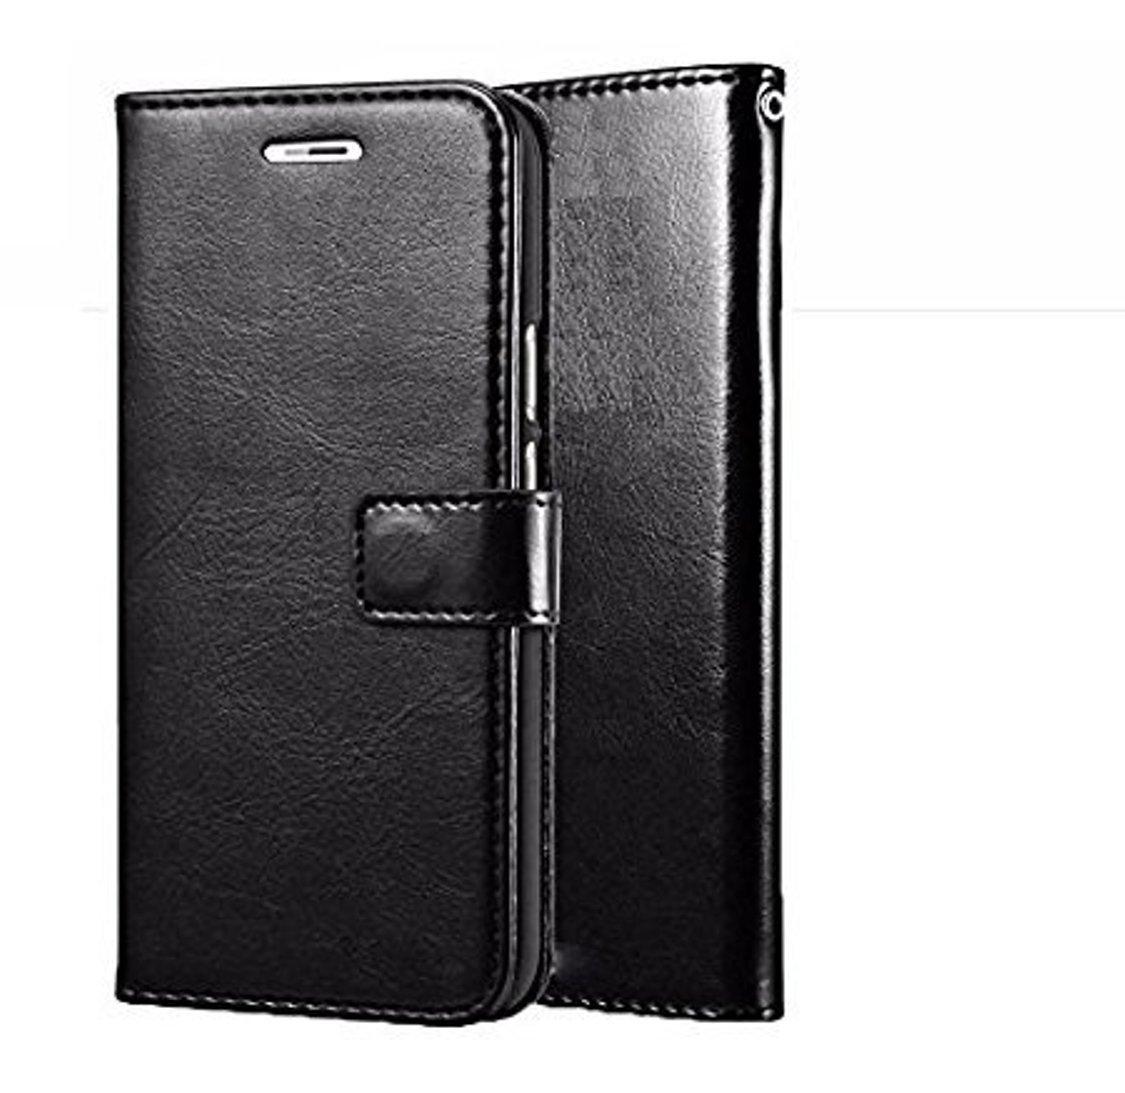 D G Kases Vintage Pu Leather Kickstand Wallet Flip Case Cover For Samsung Galaxy J7 Prime   Black